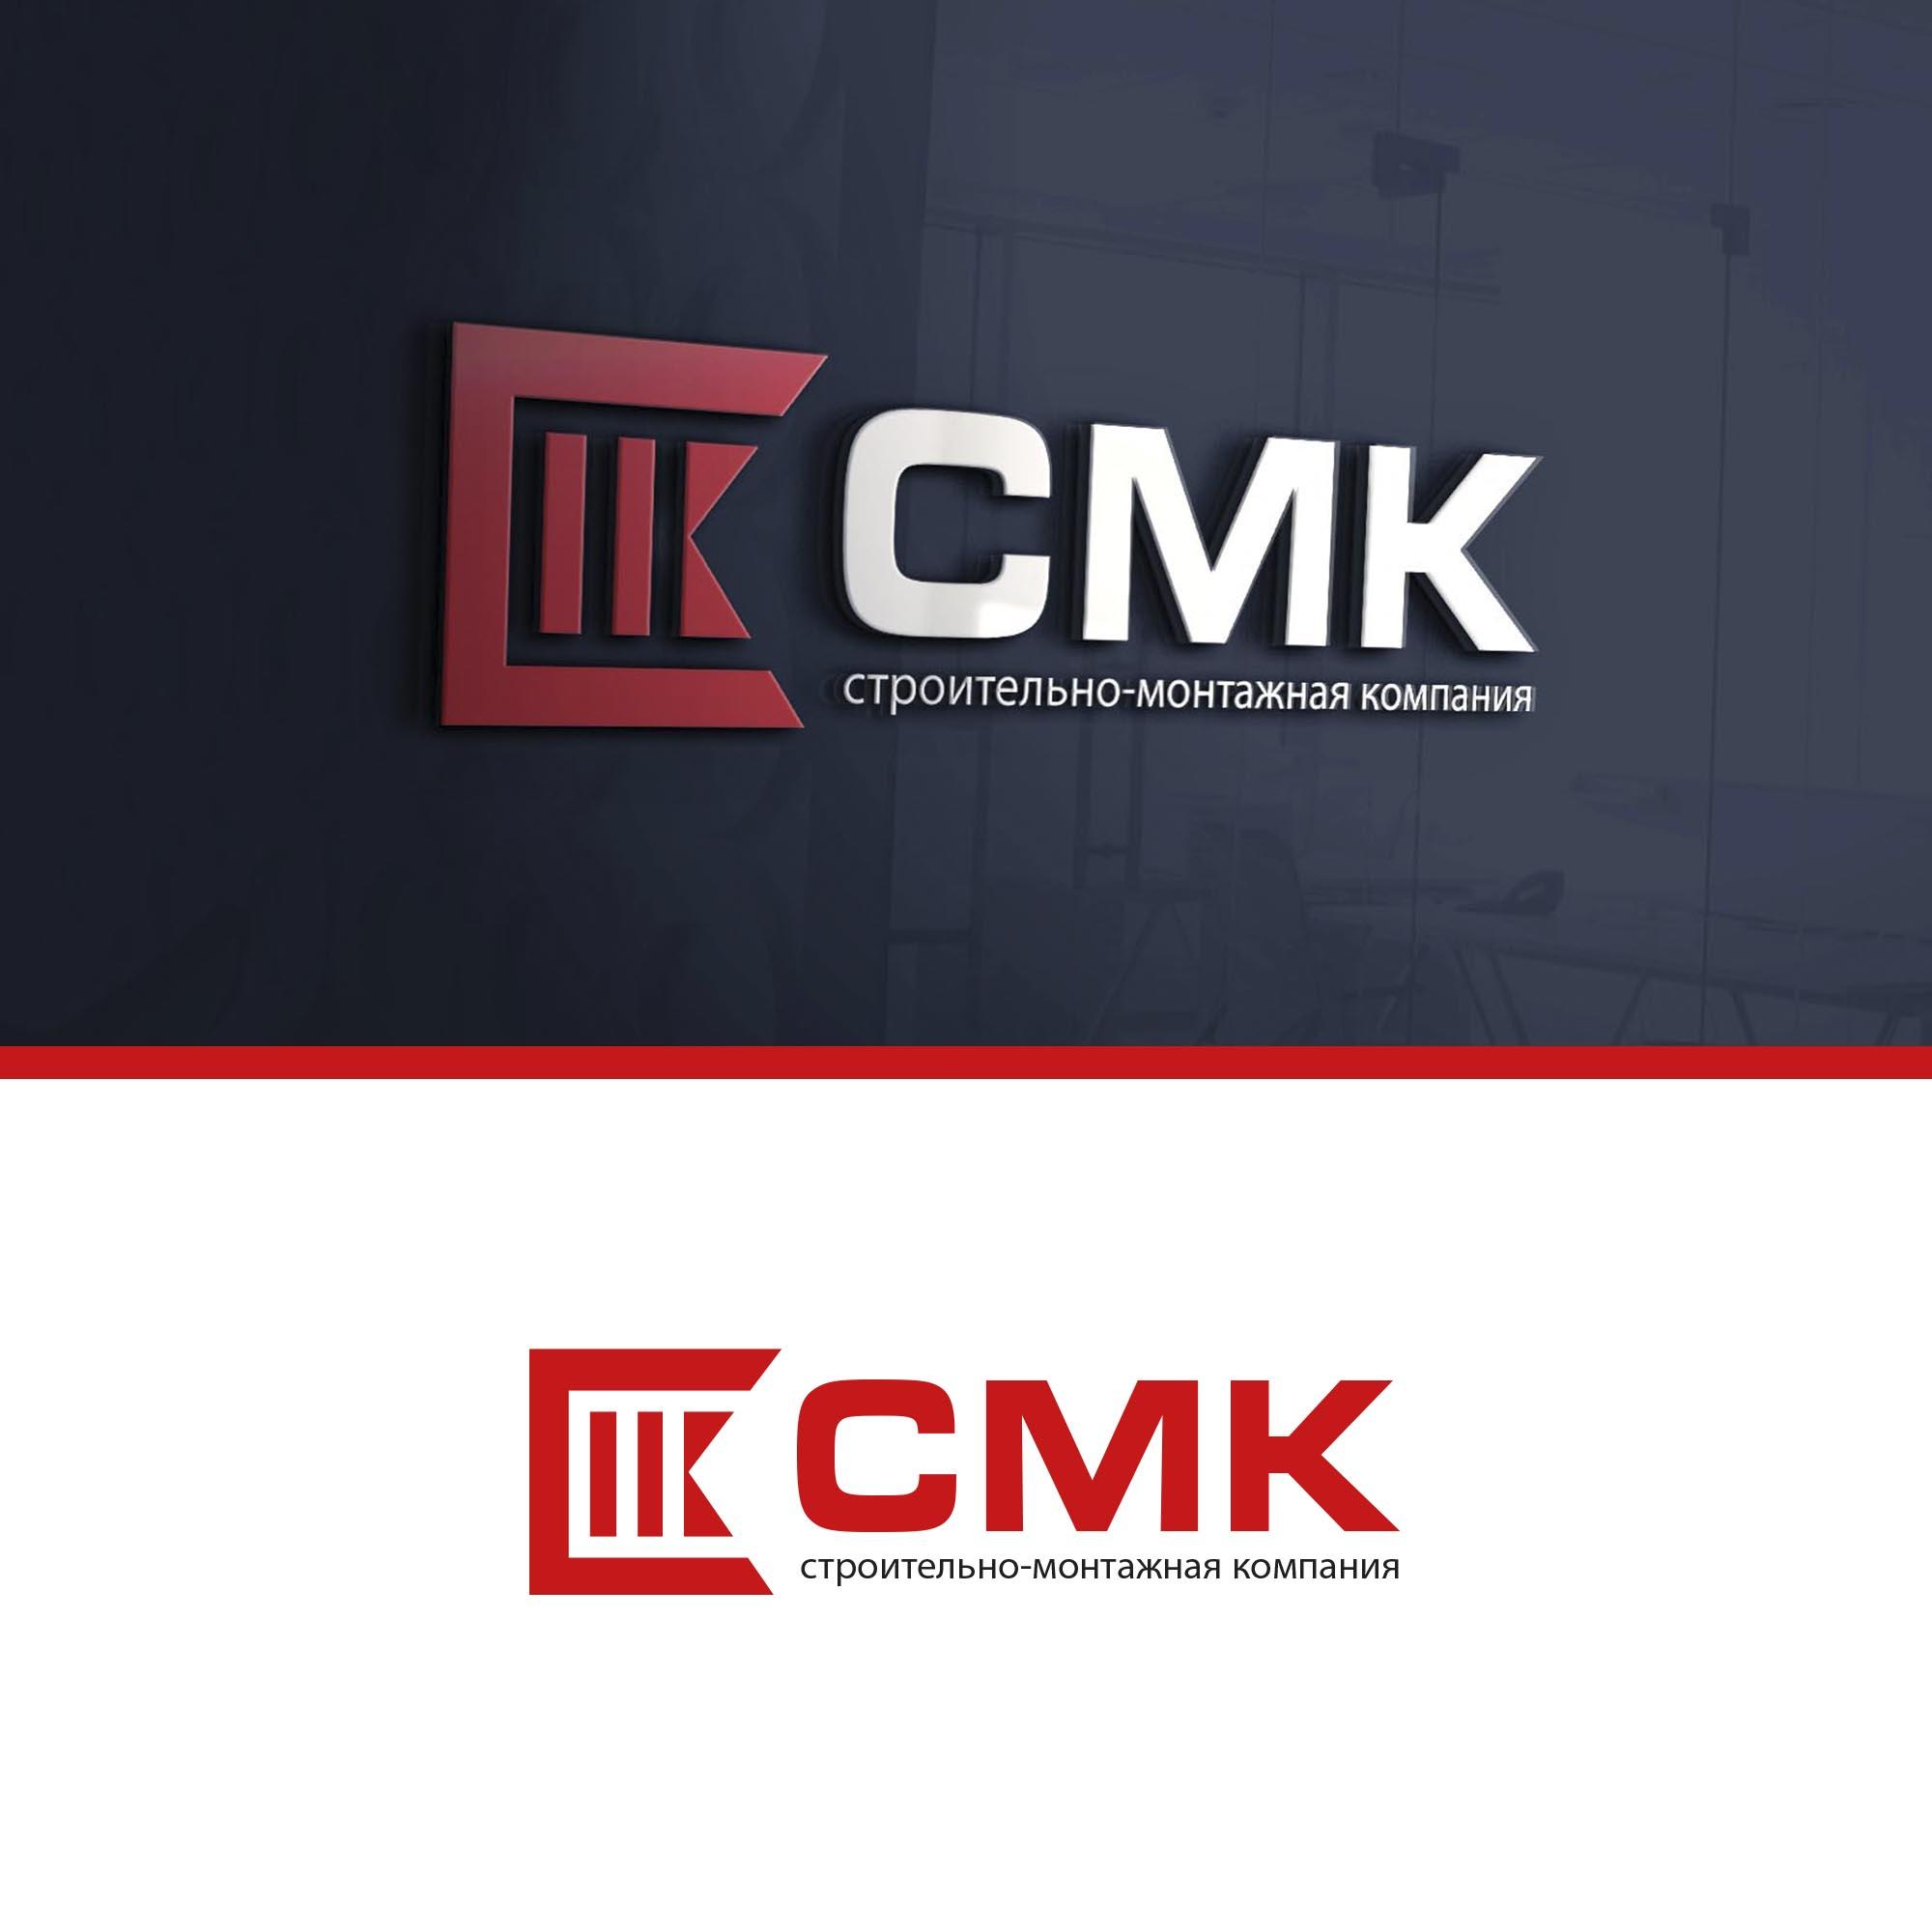 Разработка логотипа компании фото f_7935dcca85c493d1.jpg